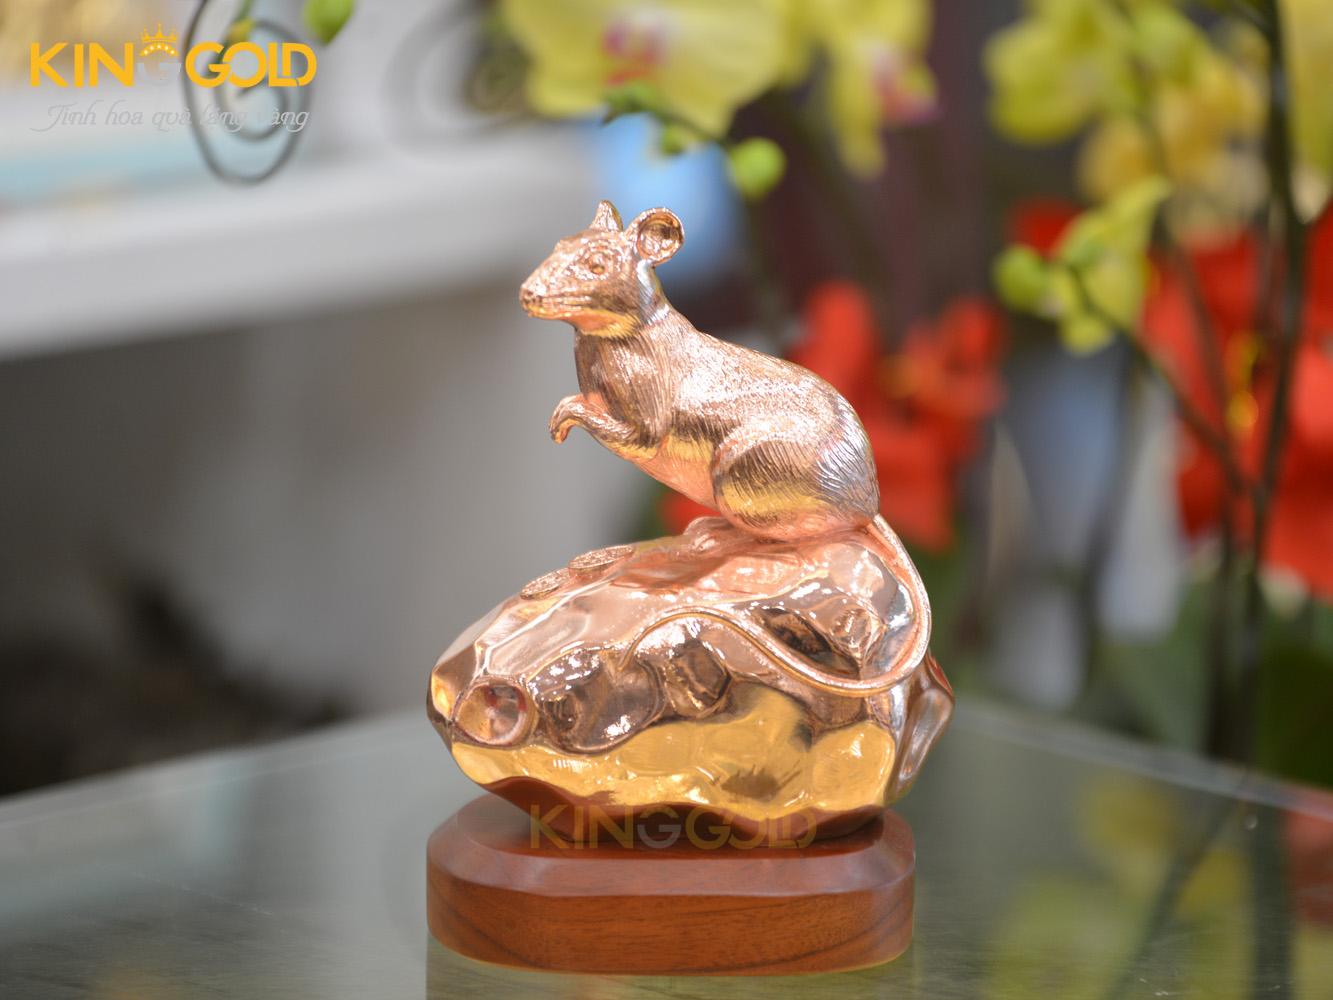 Tượng chuột King Gold vàng gồm sang trọng 18 cm